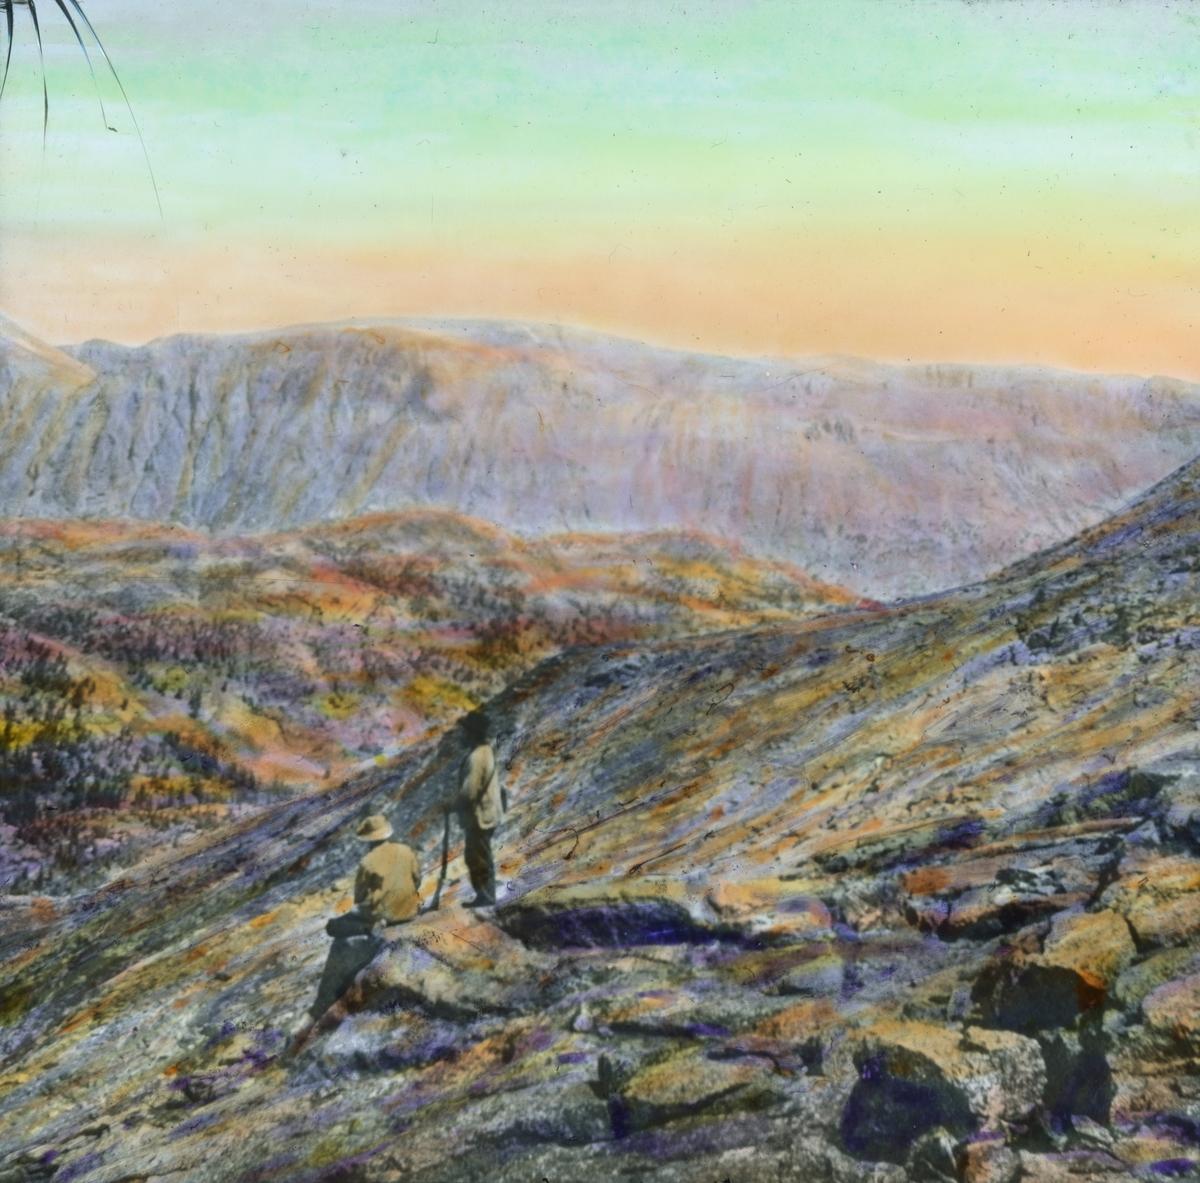 Håndkolorert dias. To menn skuer utover et nakent fjellandskap. En sitter på en store stein, den andre lener seg på en stav.